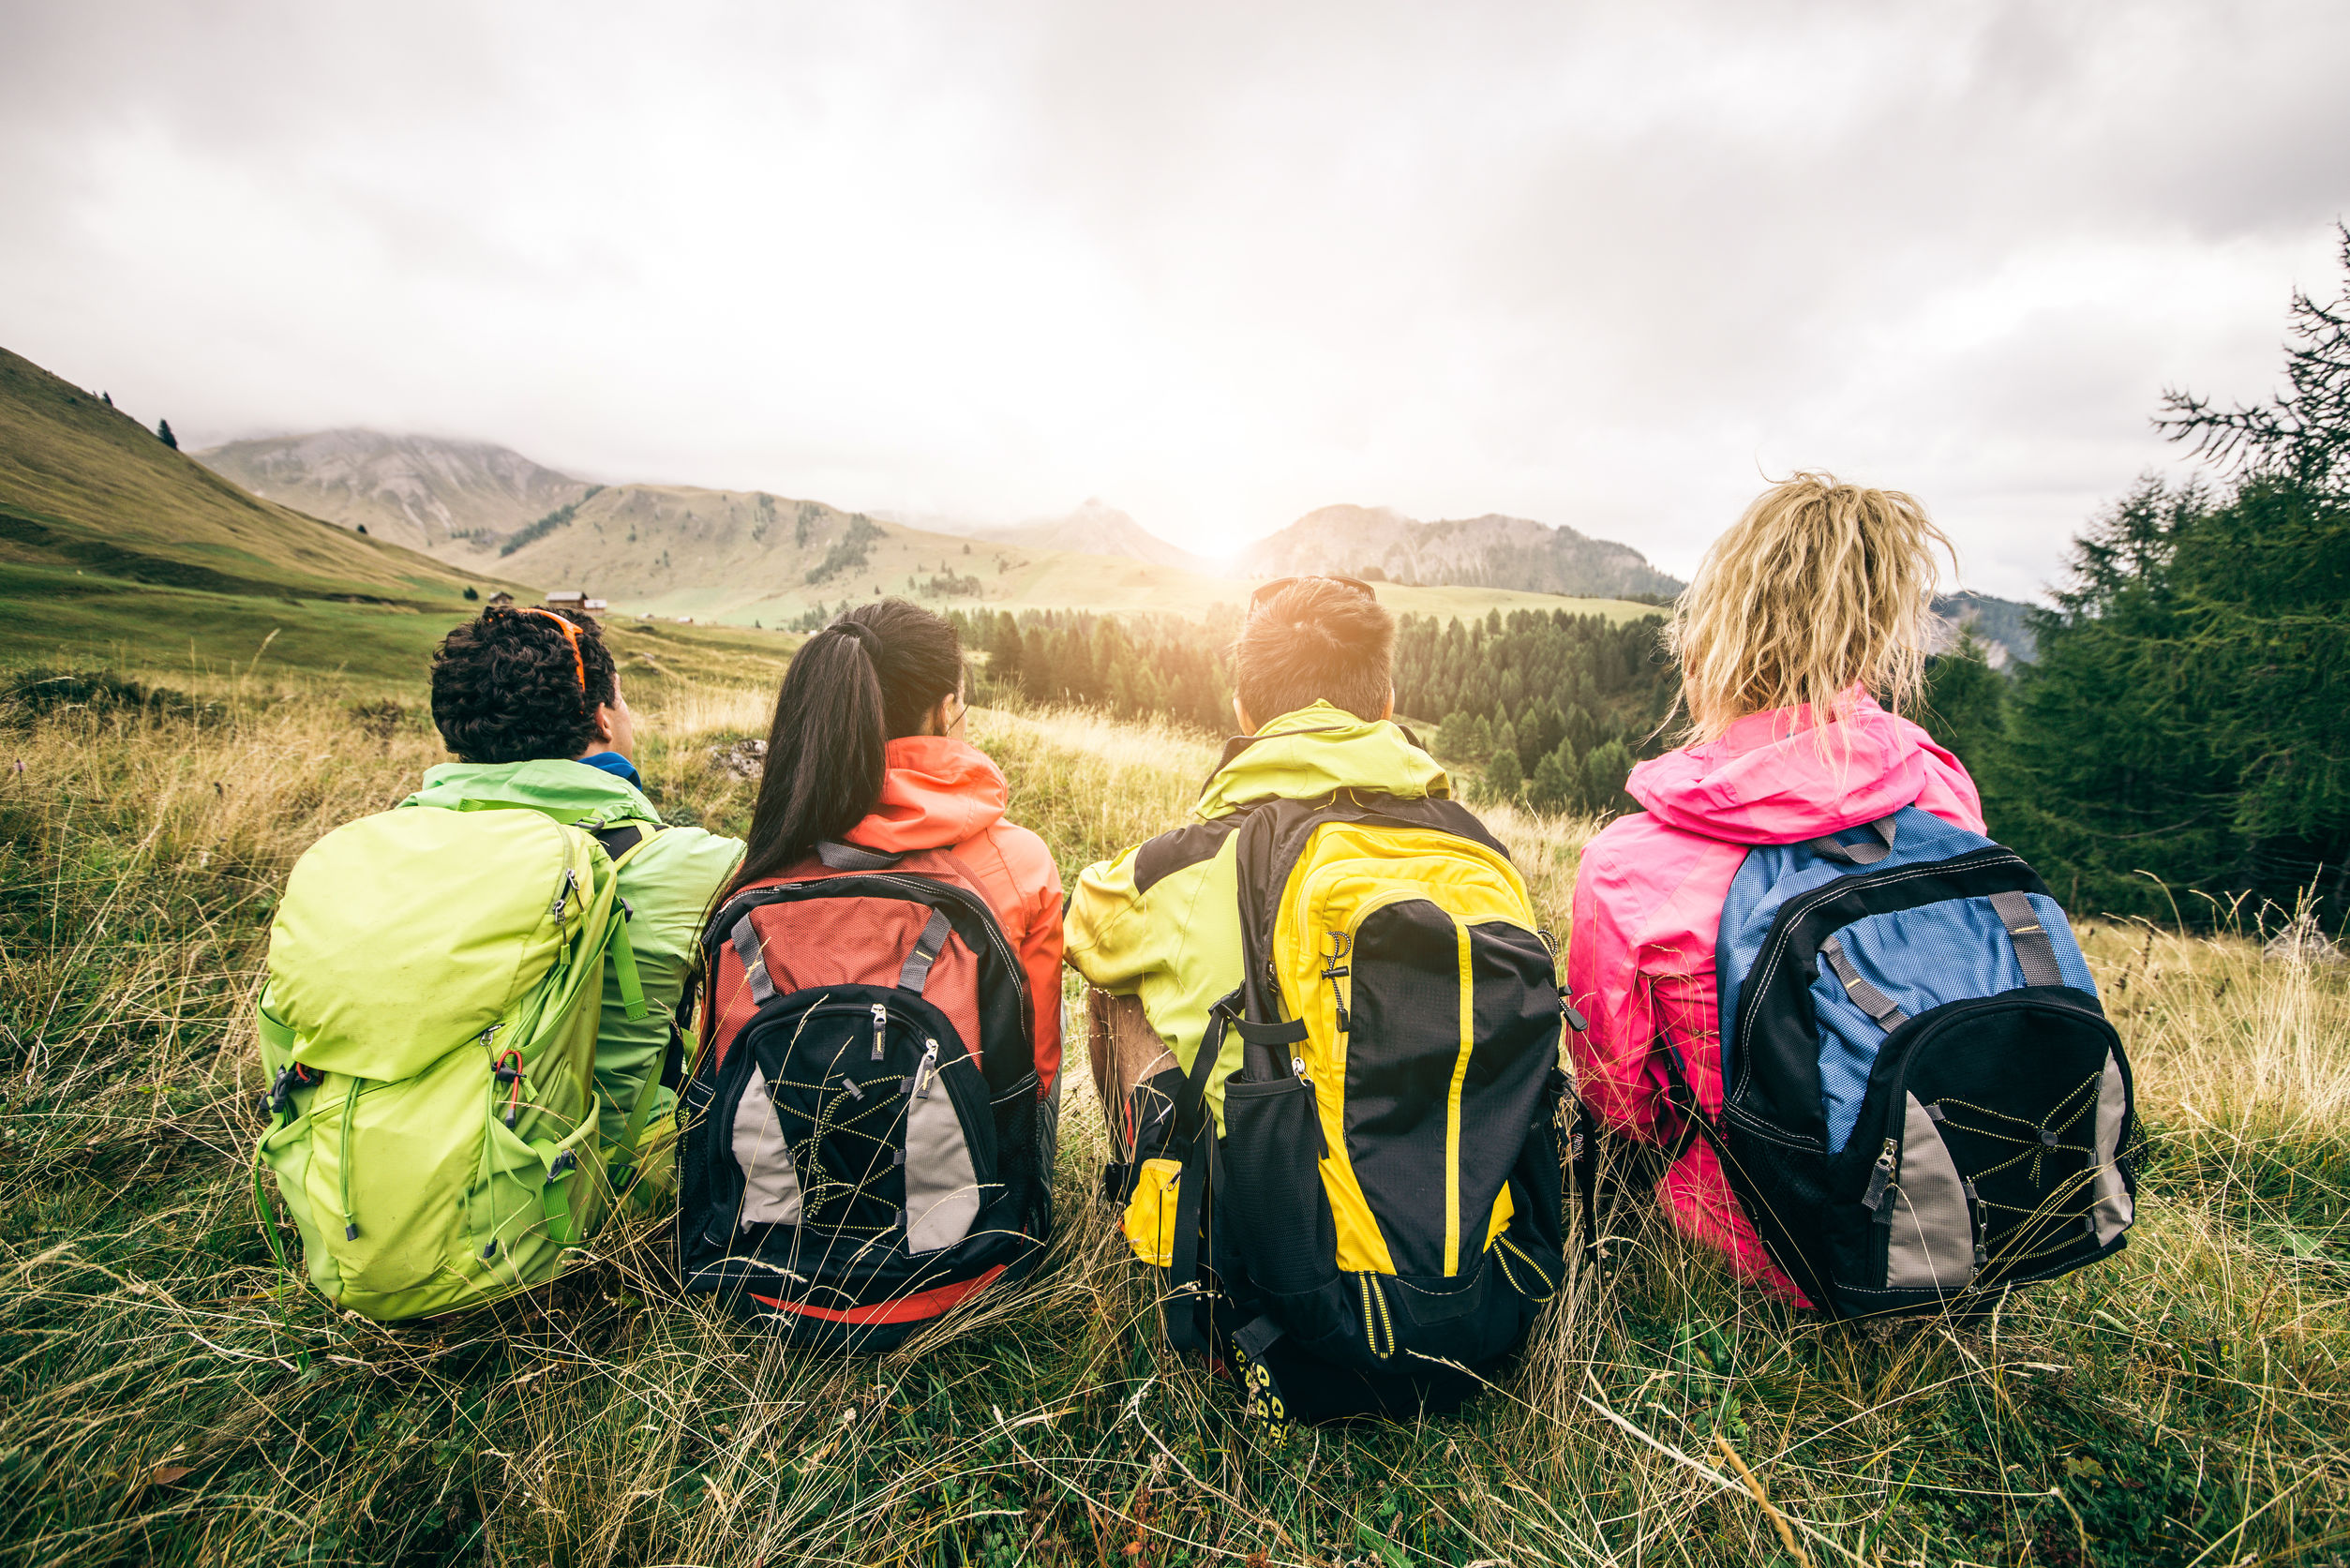 Varas mujeres de espaldas con mochilas de senderismo